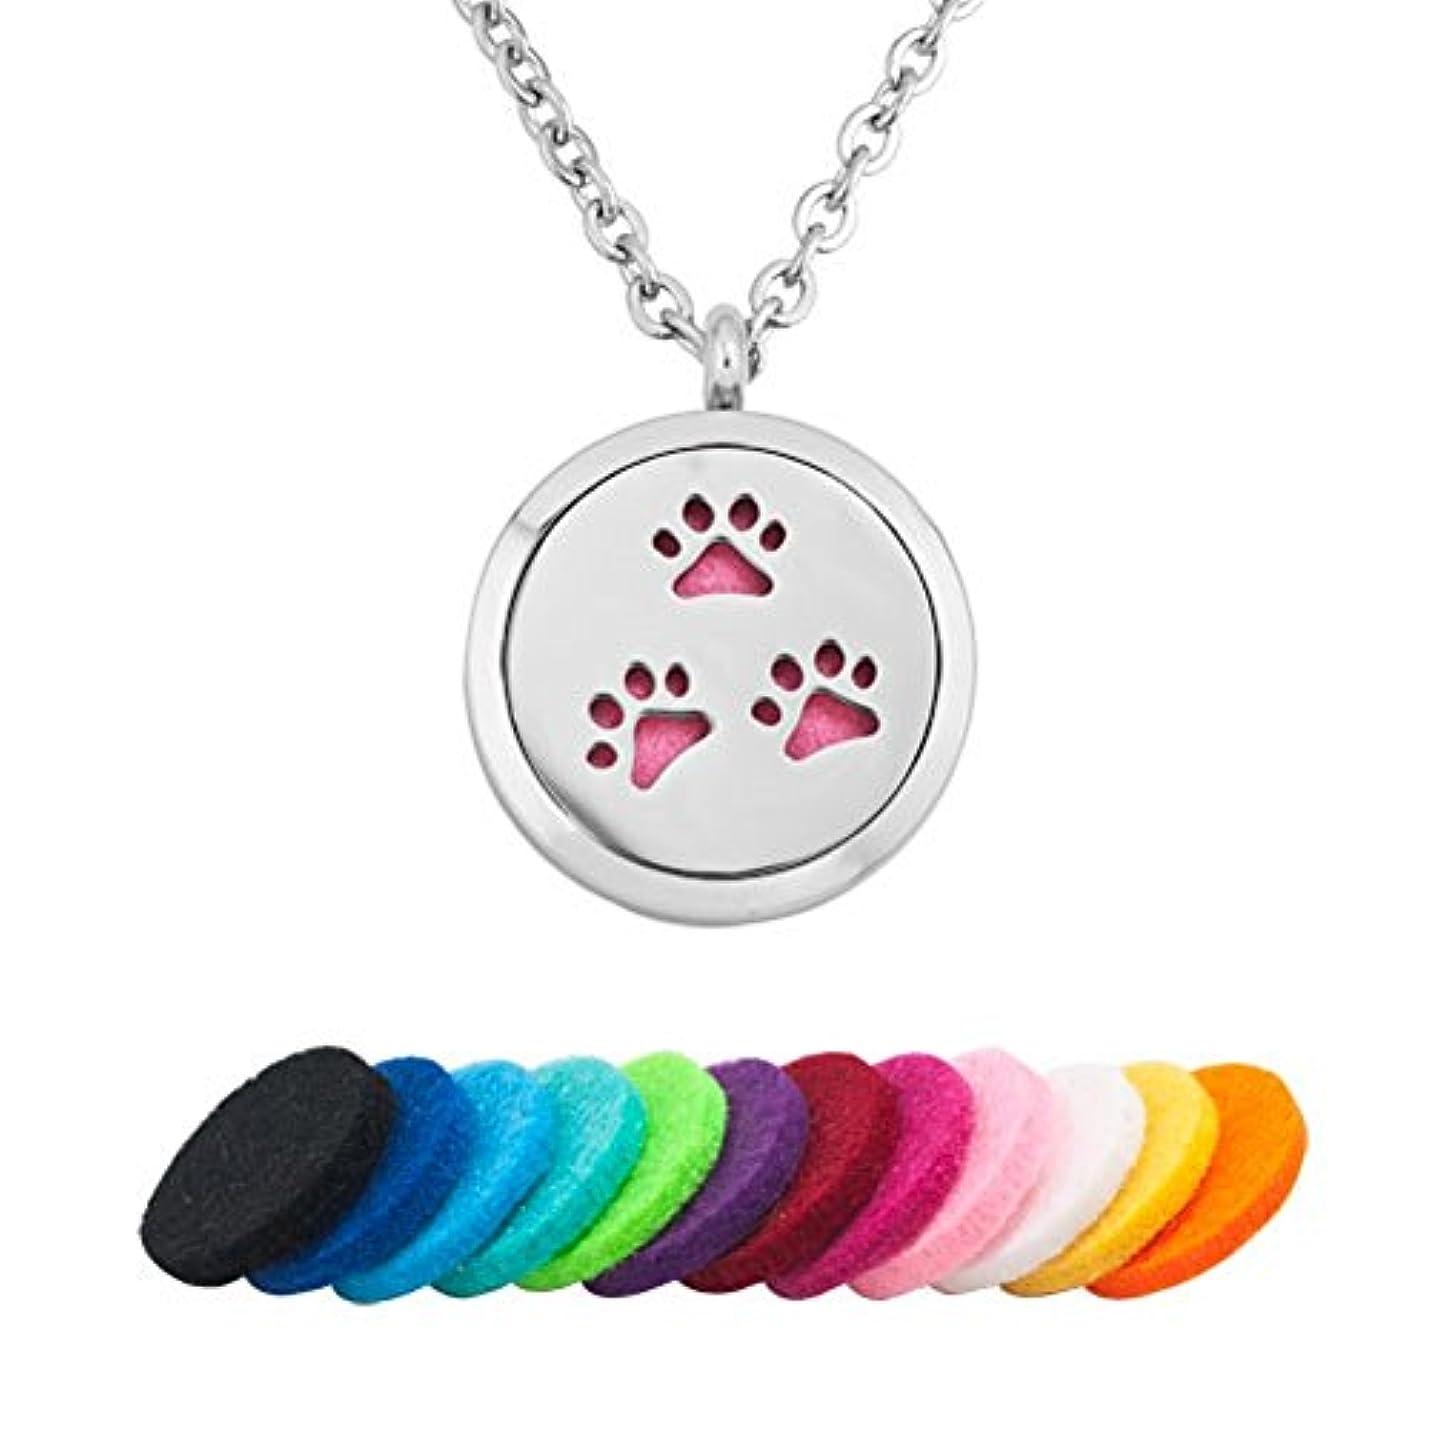 敵対的ほかに不幸q &ロケットLove犬PawprintステンレススチールプレミアムAromatherapy Essential Oil Diffuserロケットネックレス